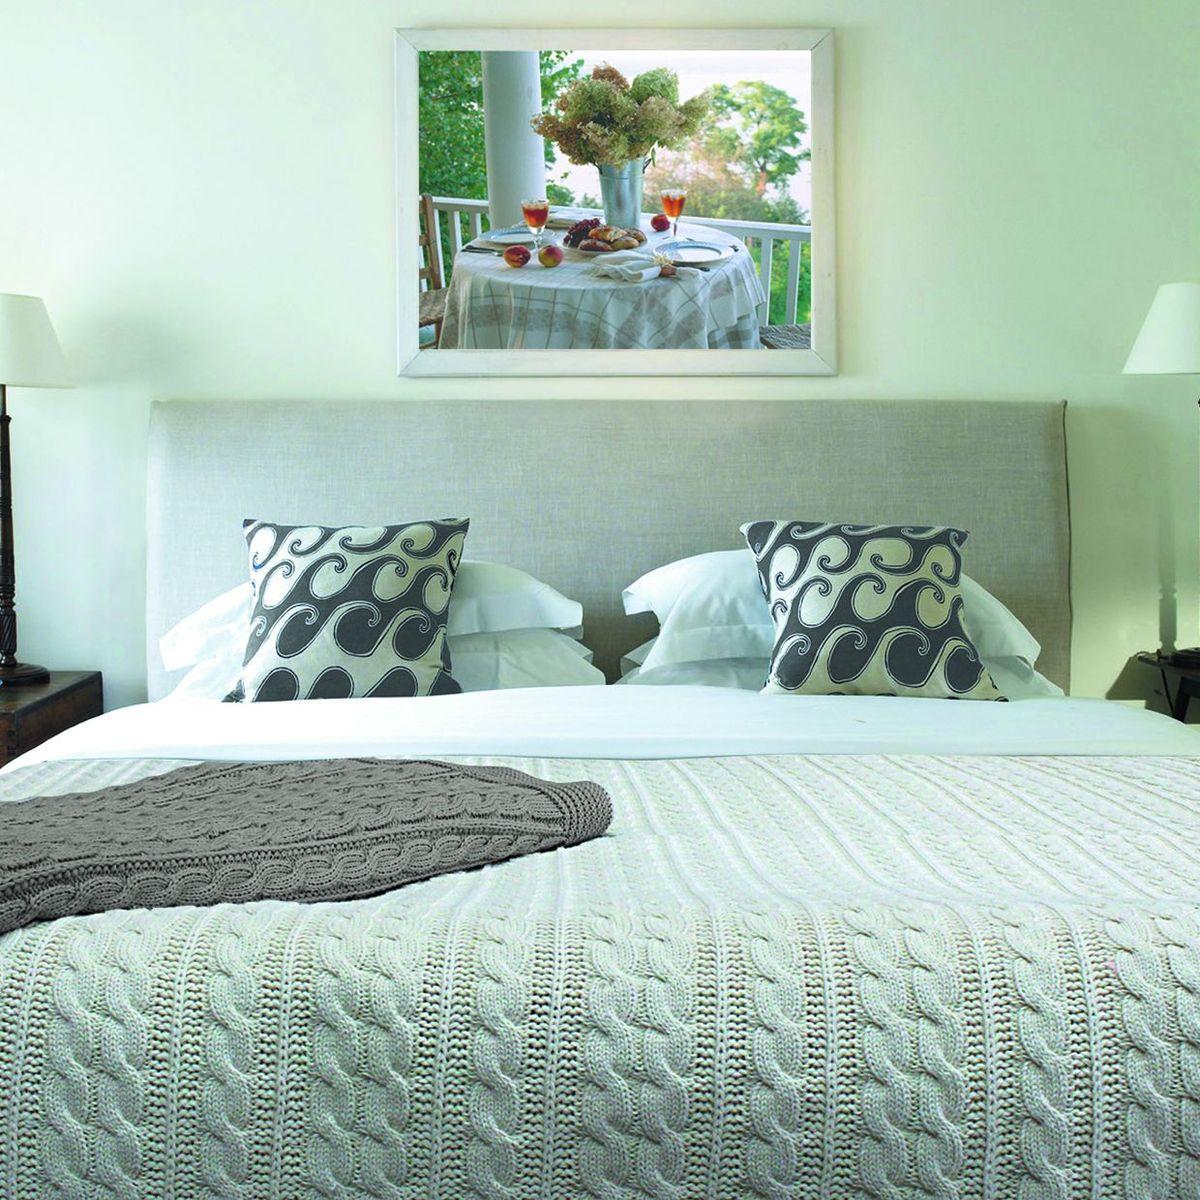 Плед Buenas Noches, цвет: серый, 150 х 200 см. 5616556165Хлопковые пледы Buenas Noches - мяккие, яркие, современные. Украсят практически любой дом. Могут послужить отличным подарком.